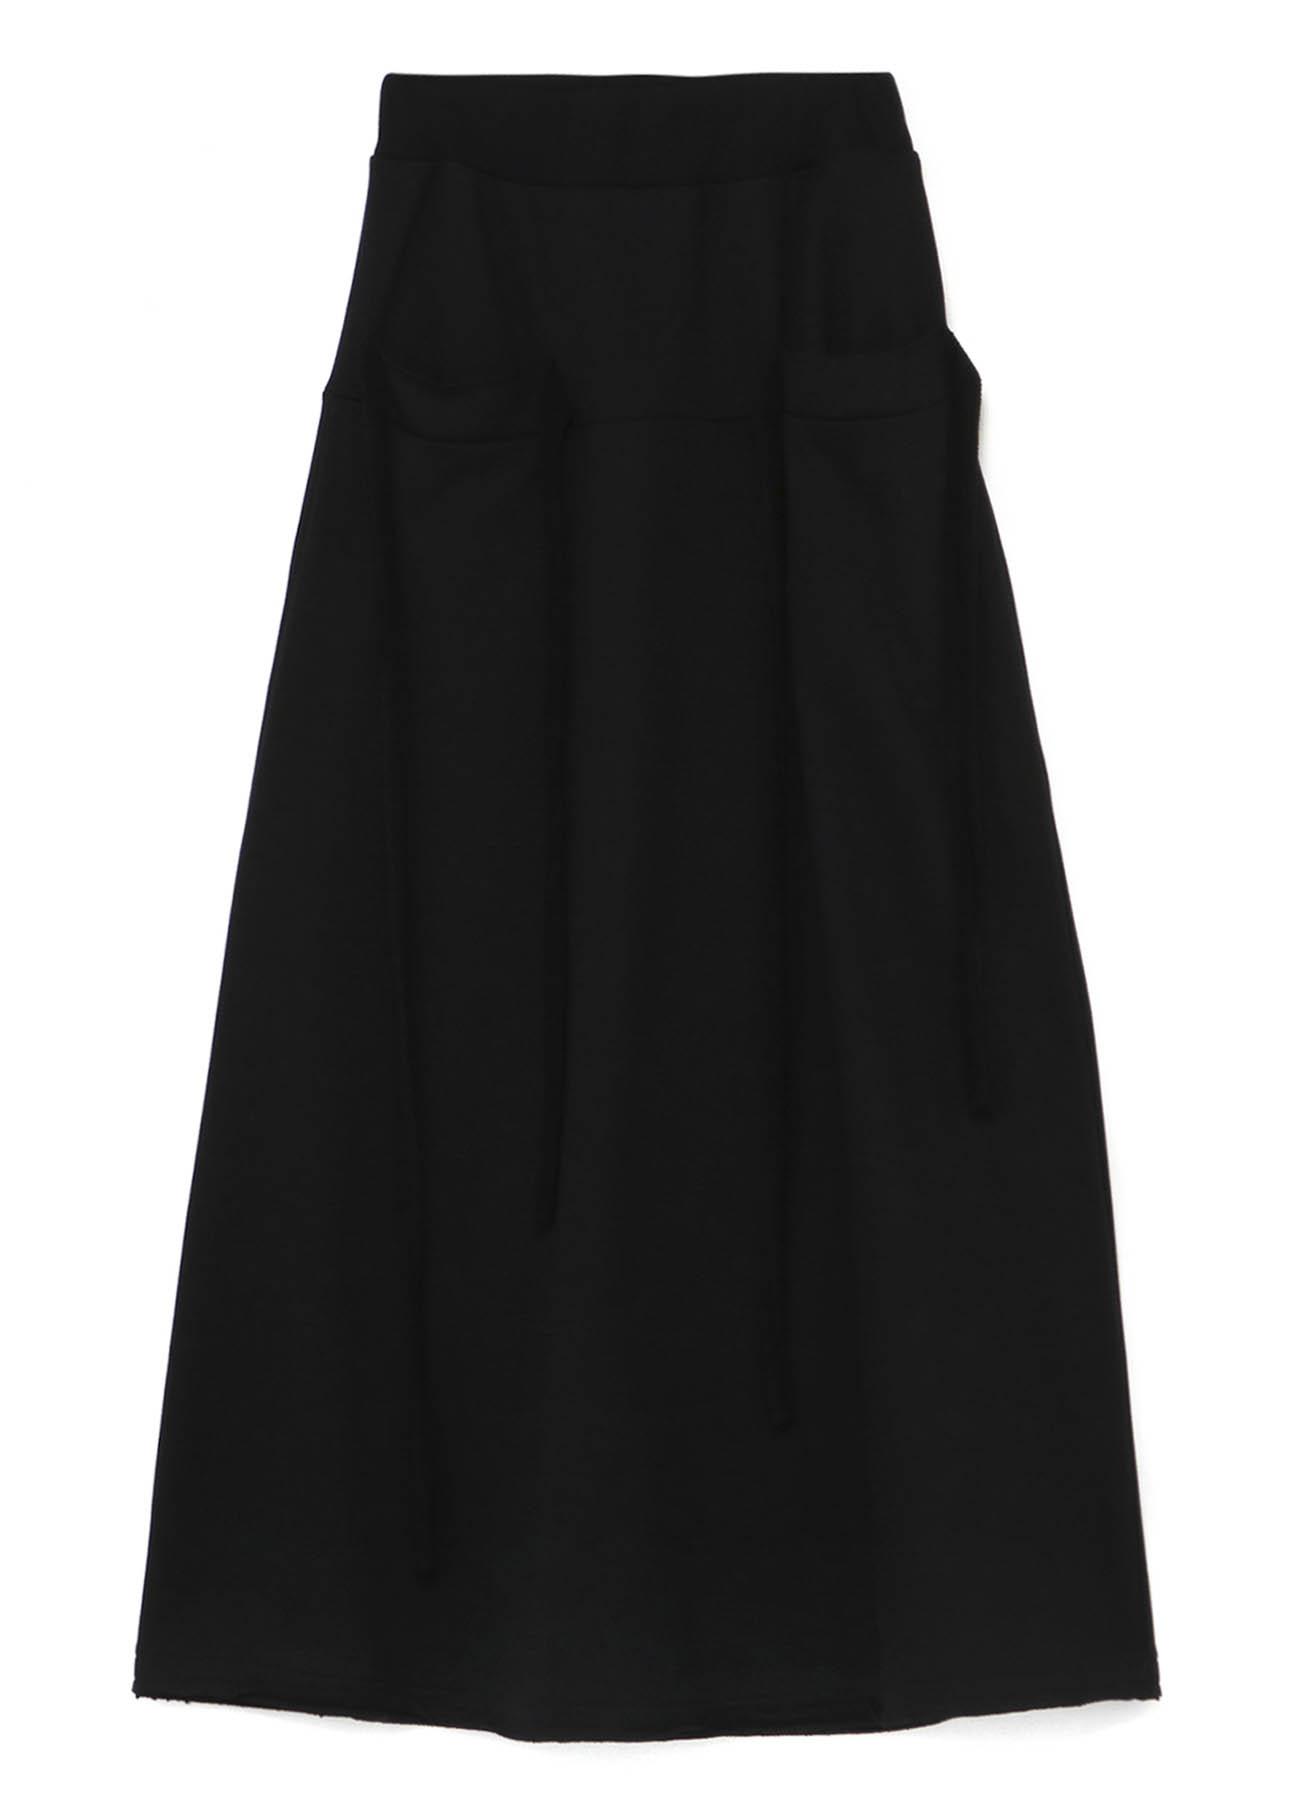 Cotton Mercerized Fleece String Pocket Skirt